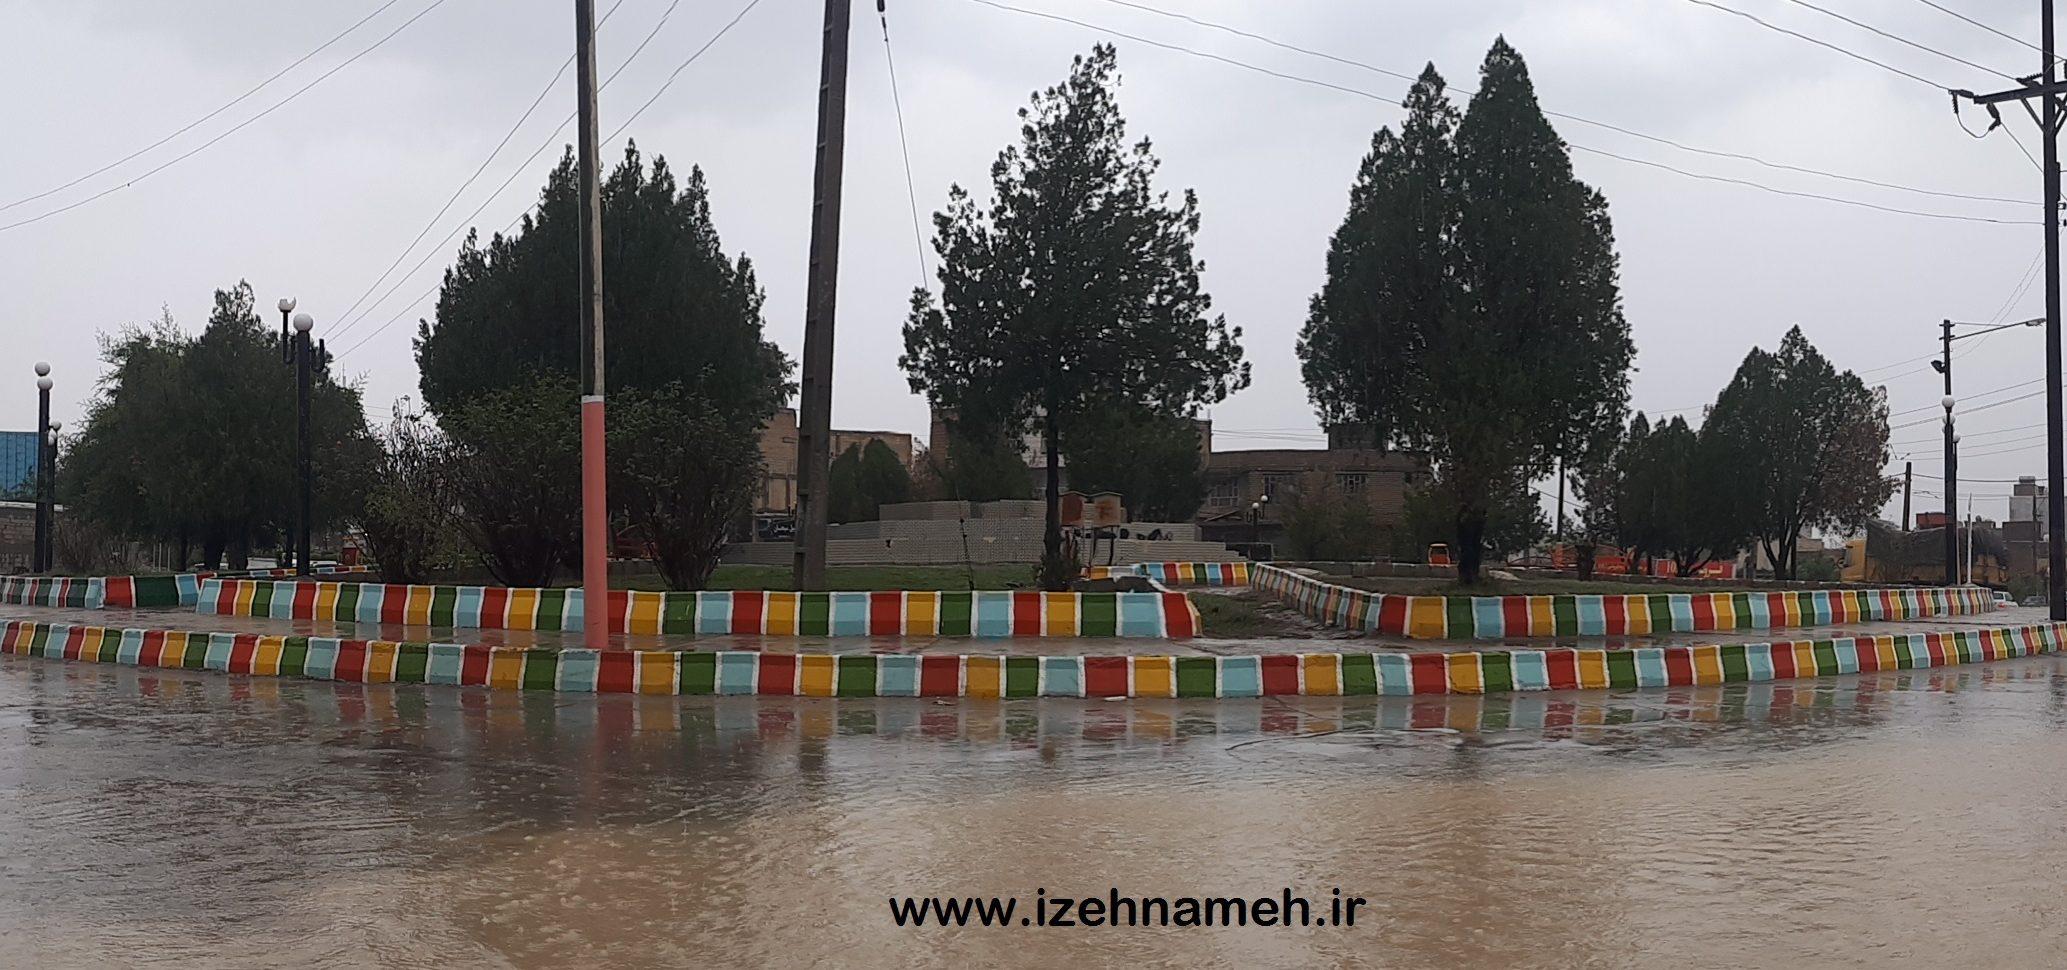 باران مراکز آموزشی ایذه و سوسن را تعطیل کرد/معابر عمومی زیر آب رفت